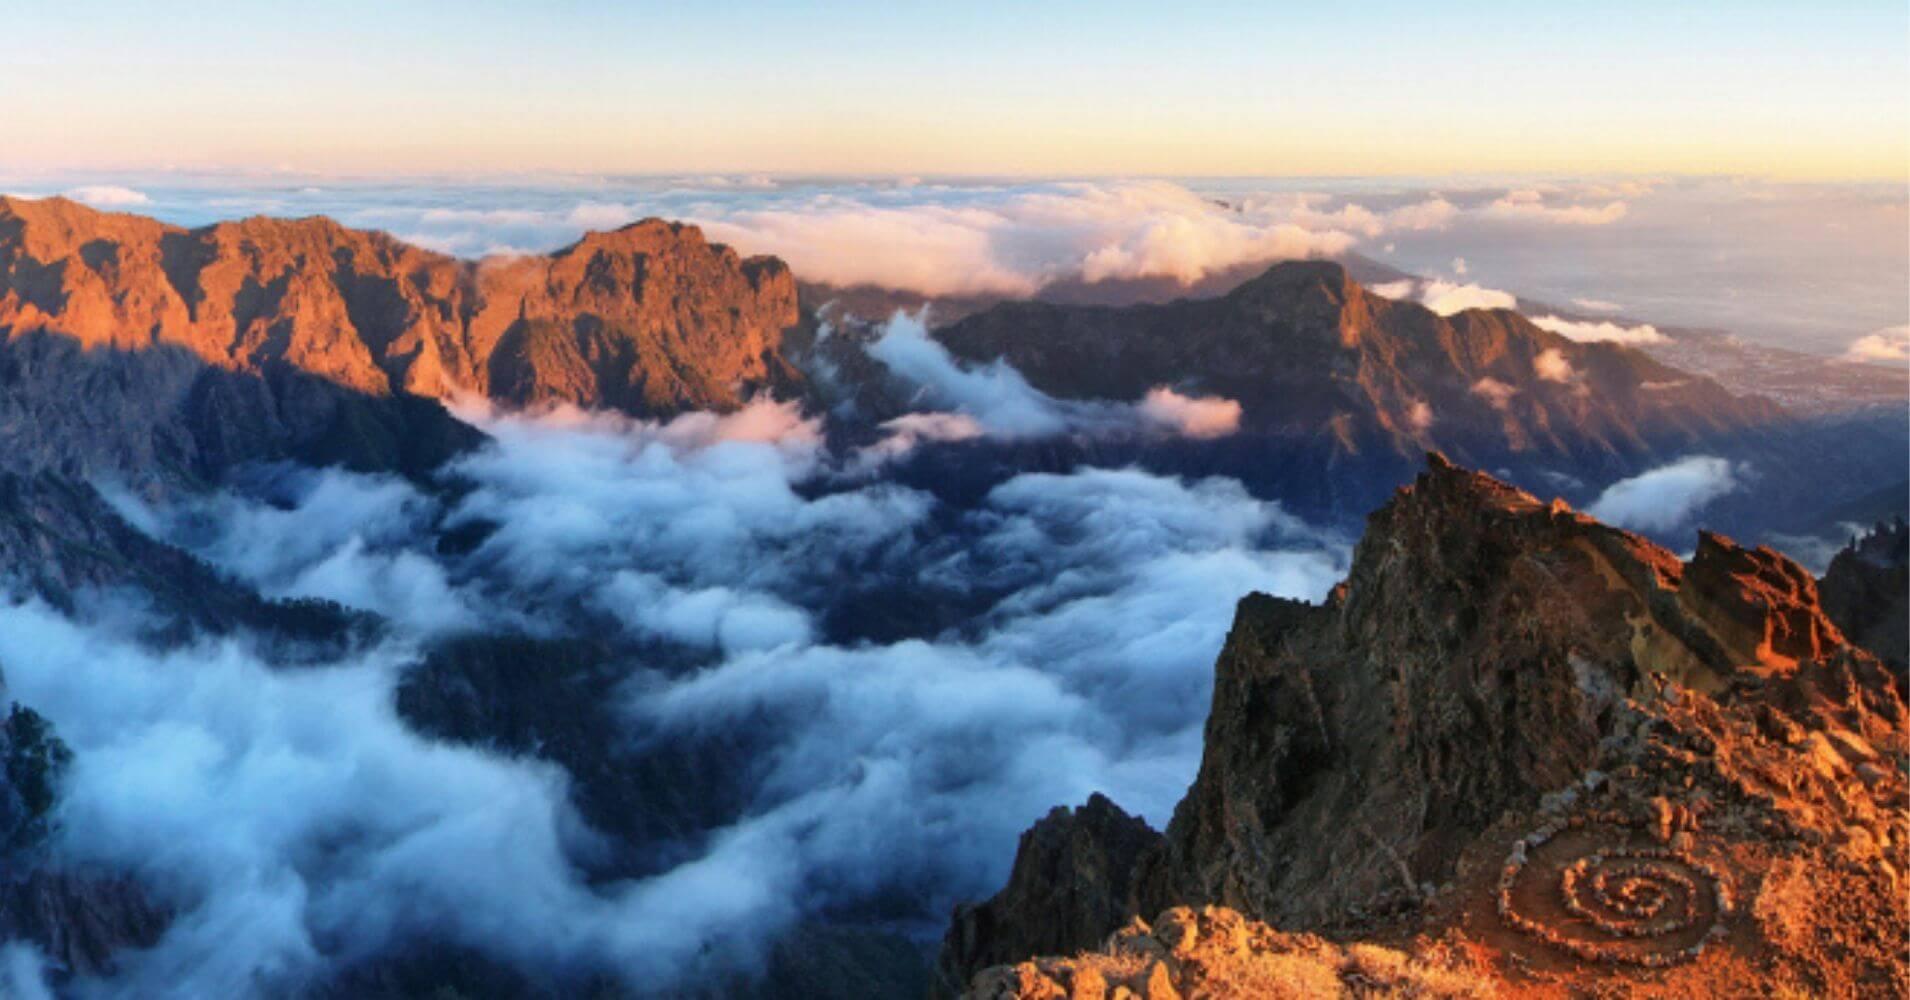 El Parque Nacional Caldera de Taburiente. Isla de La Palma, Canarias.